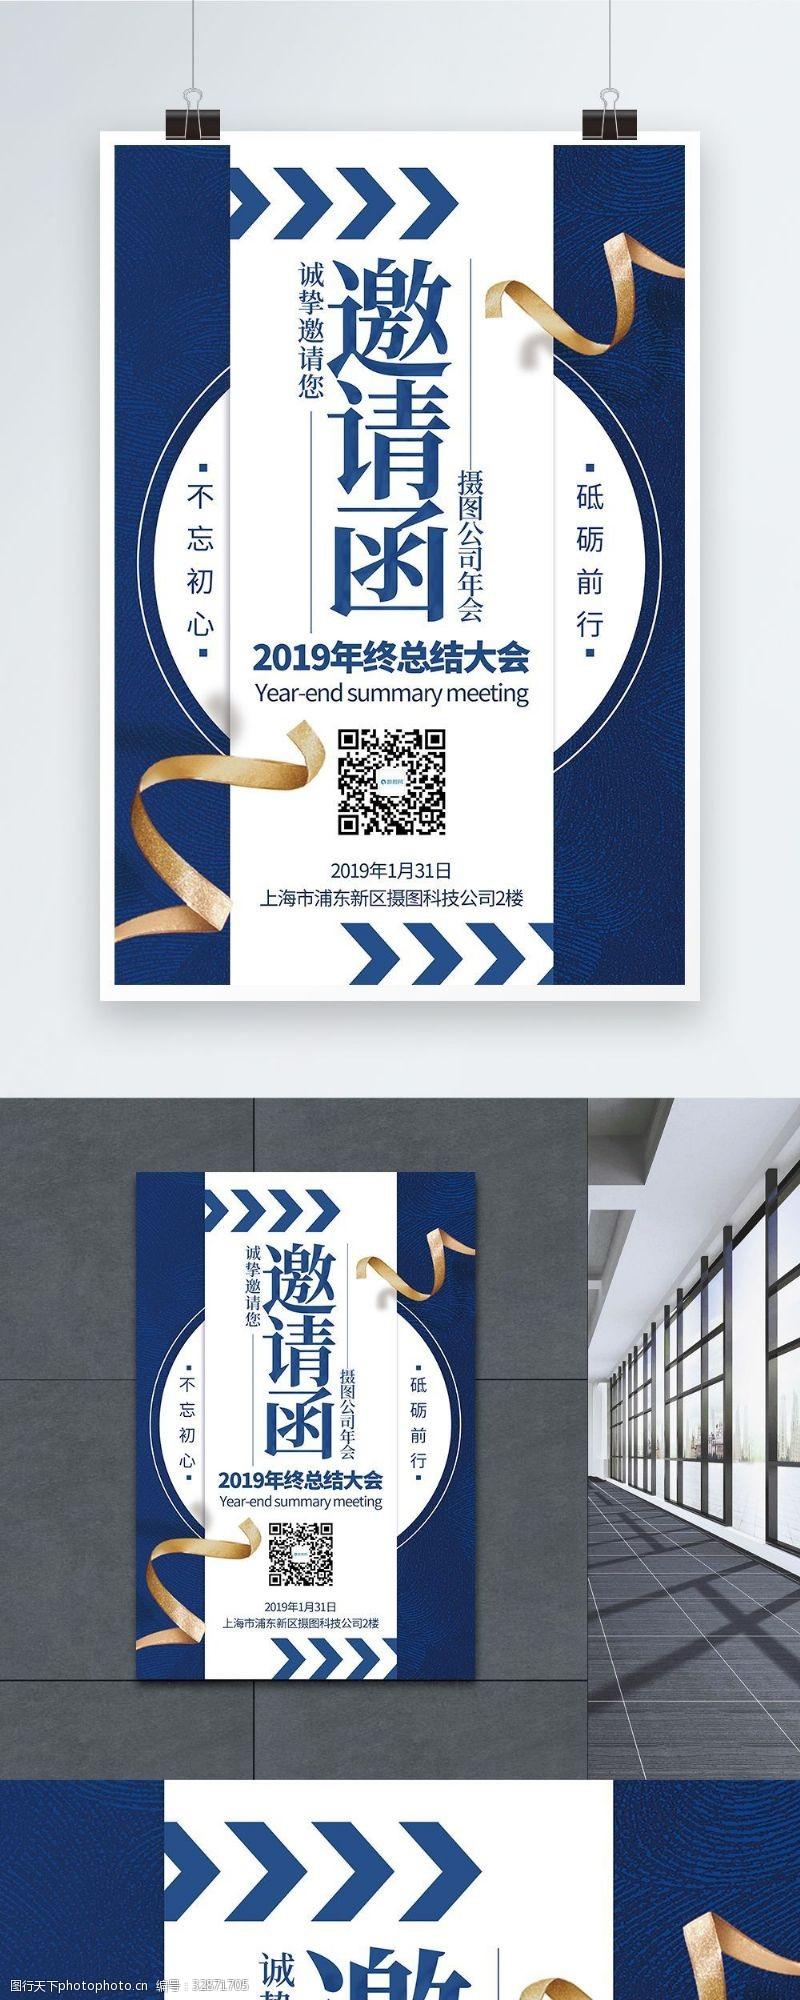 企业年会邀请函蓝色简洁大气企业年终总结大会邀请函海报